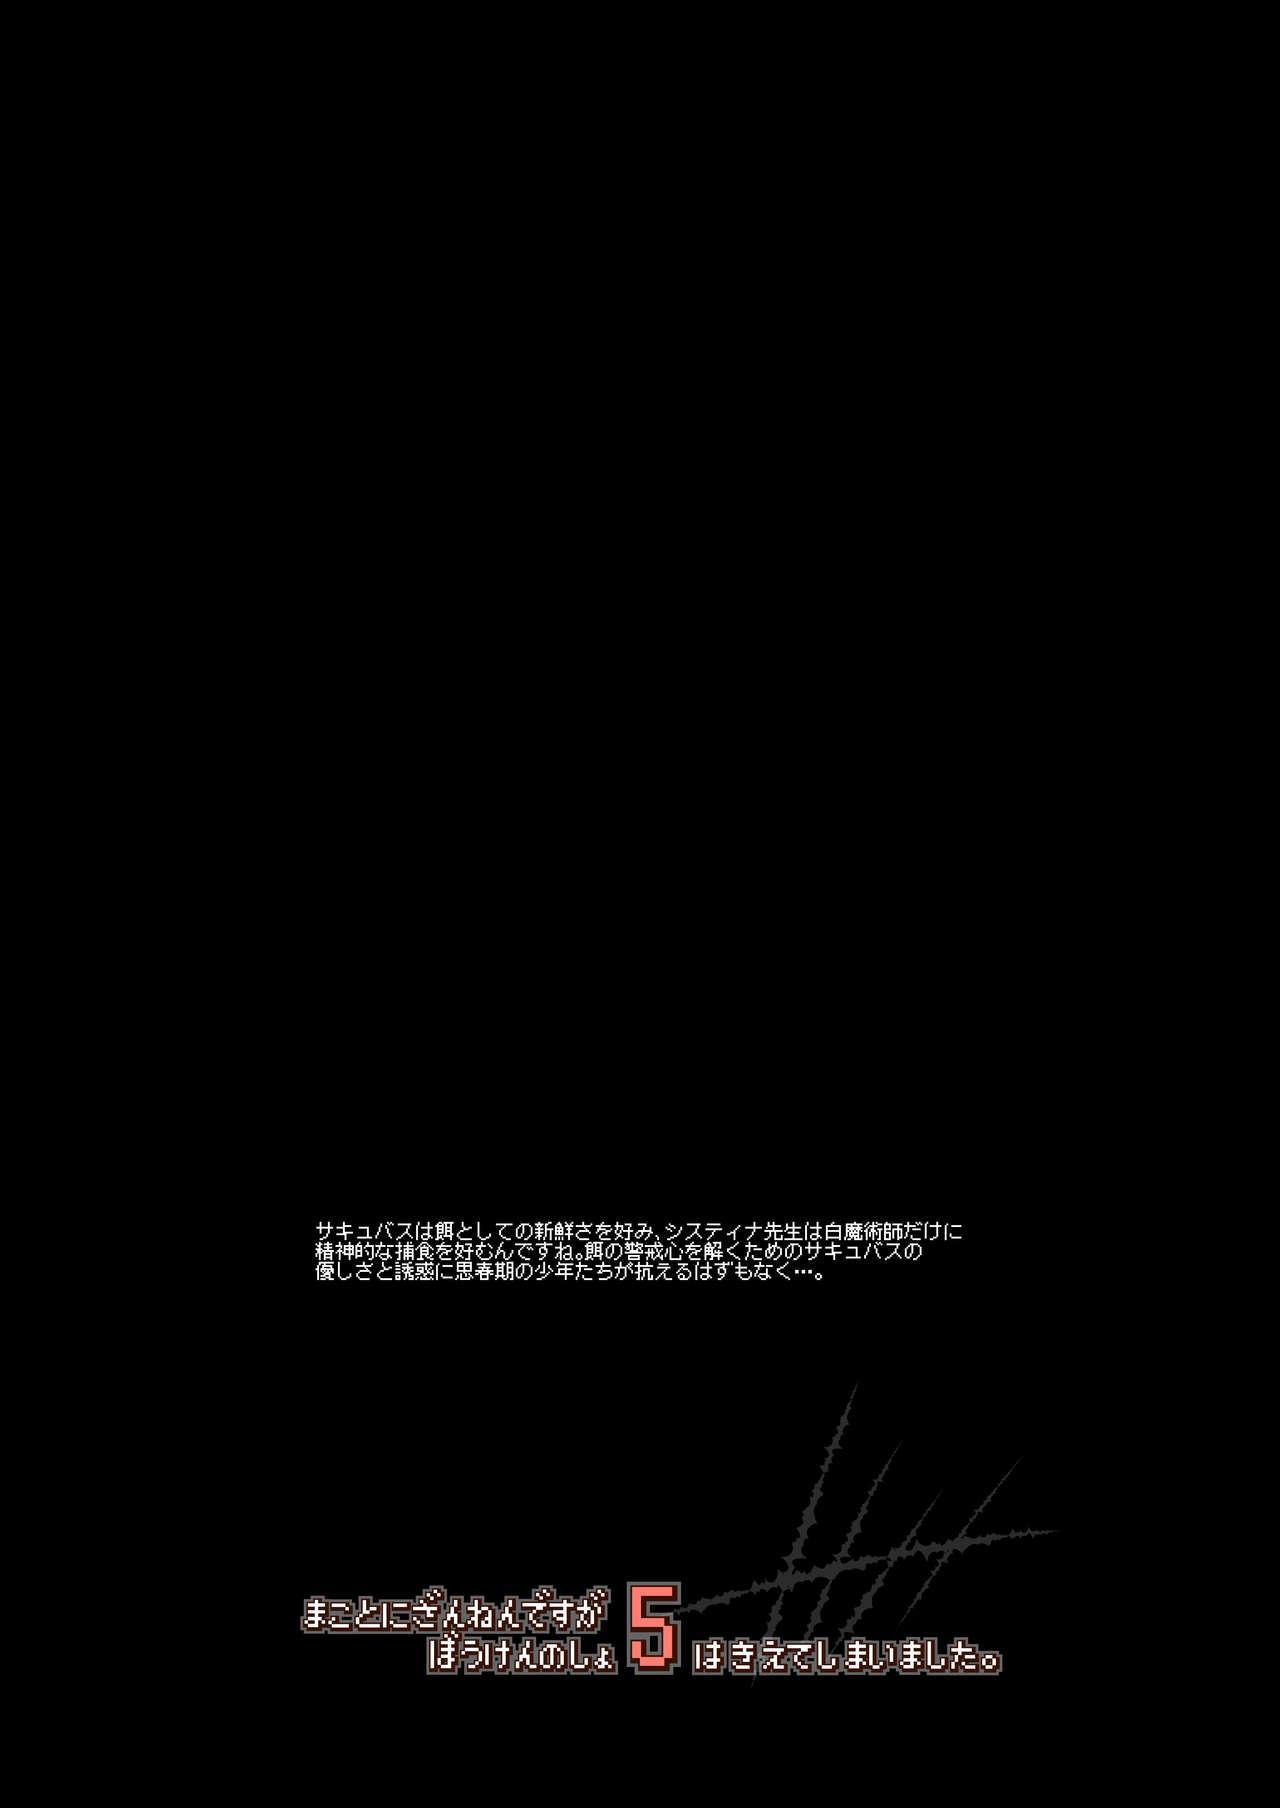 Makotoni Zannen desu ga Bouken no Sho 5 wa Kiete Shimaimashita. 26